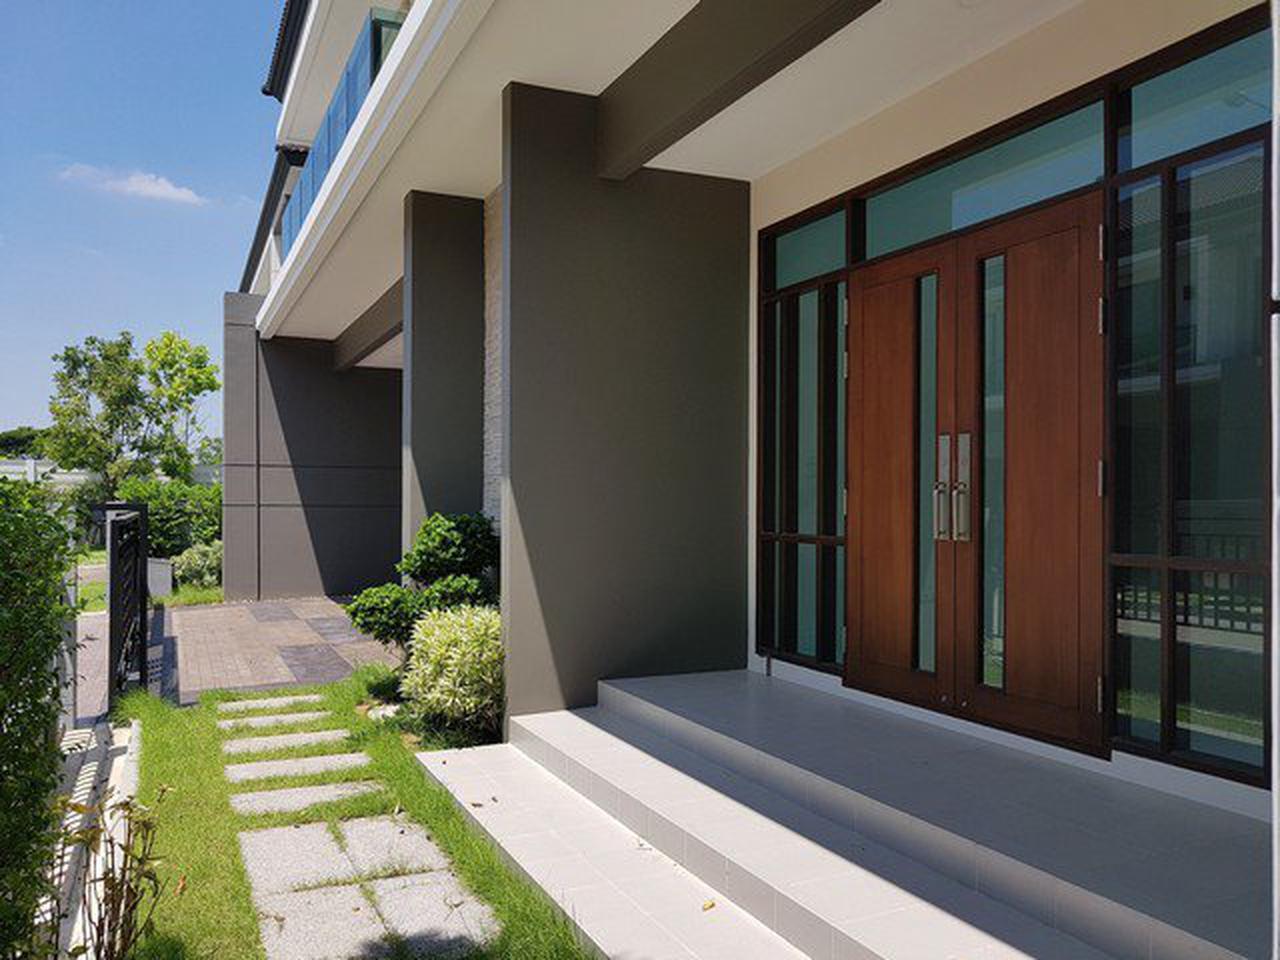 ขายบ้านเดี่ยวThe City Pattanakarn 4 นอน  3 จอด รูปที่ 2